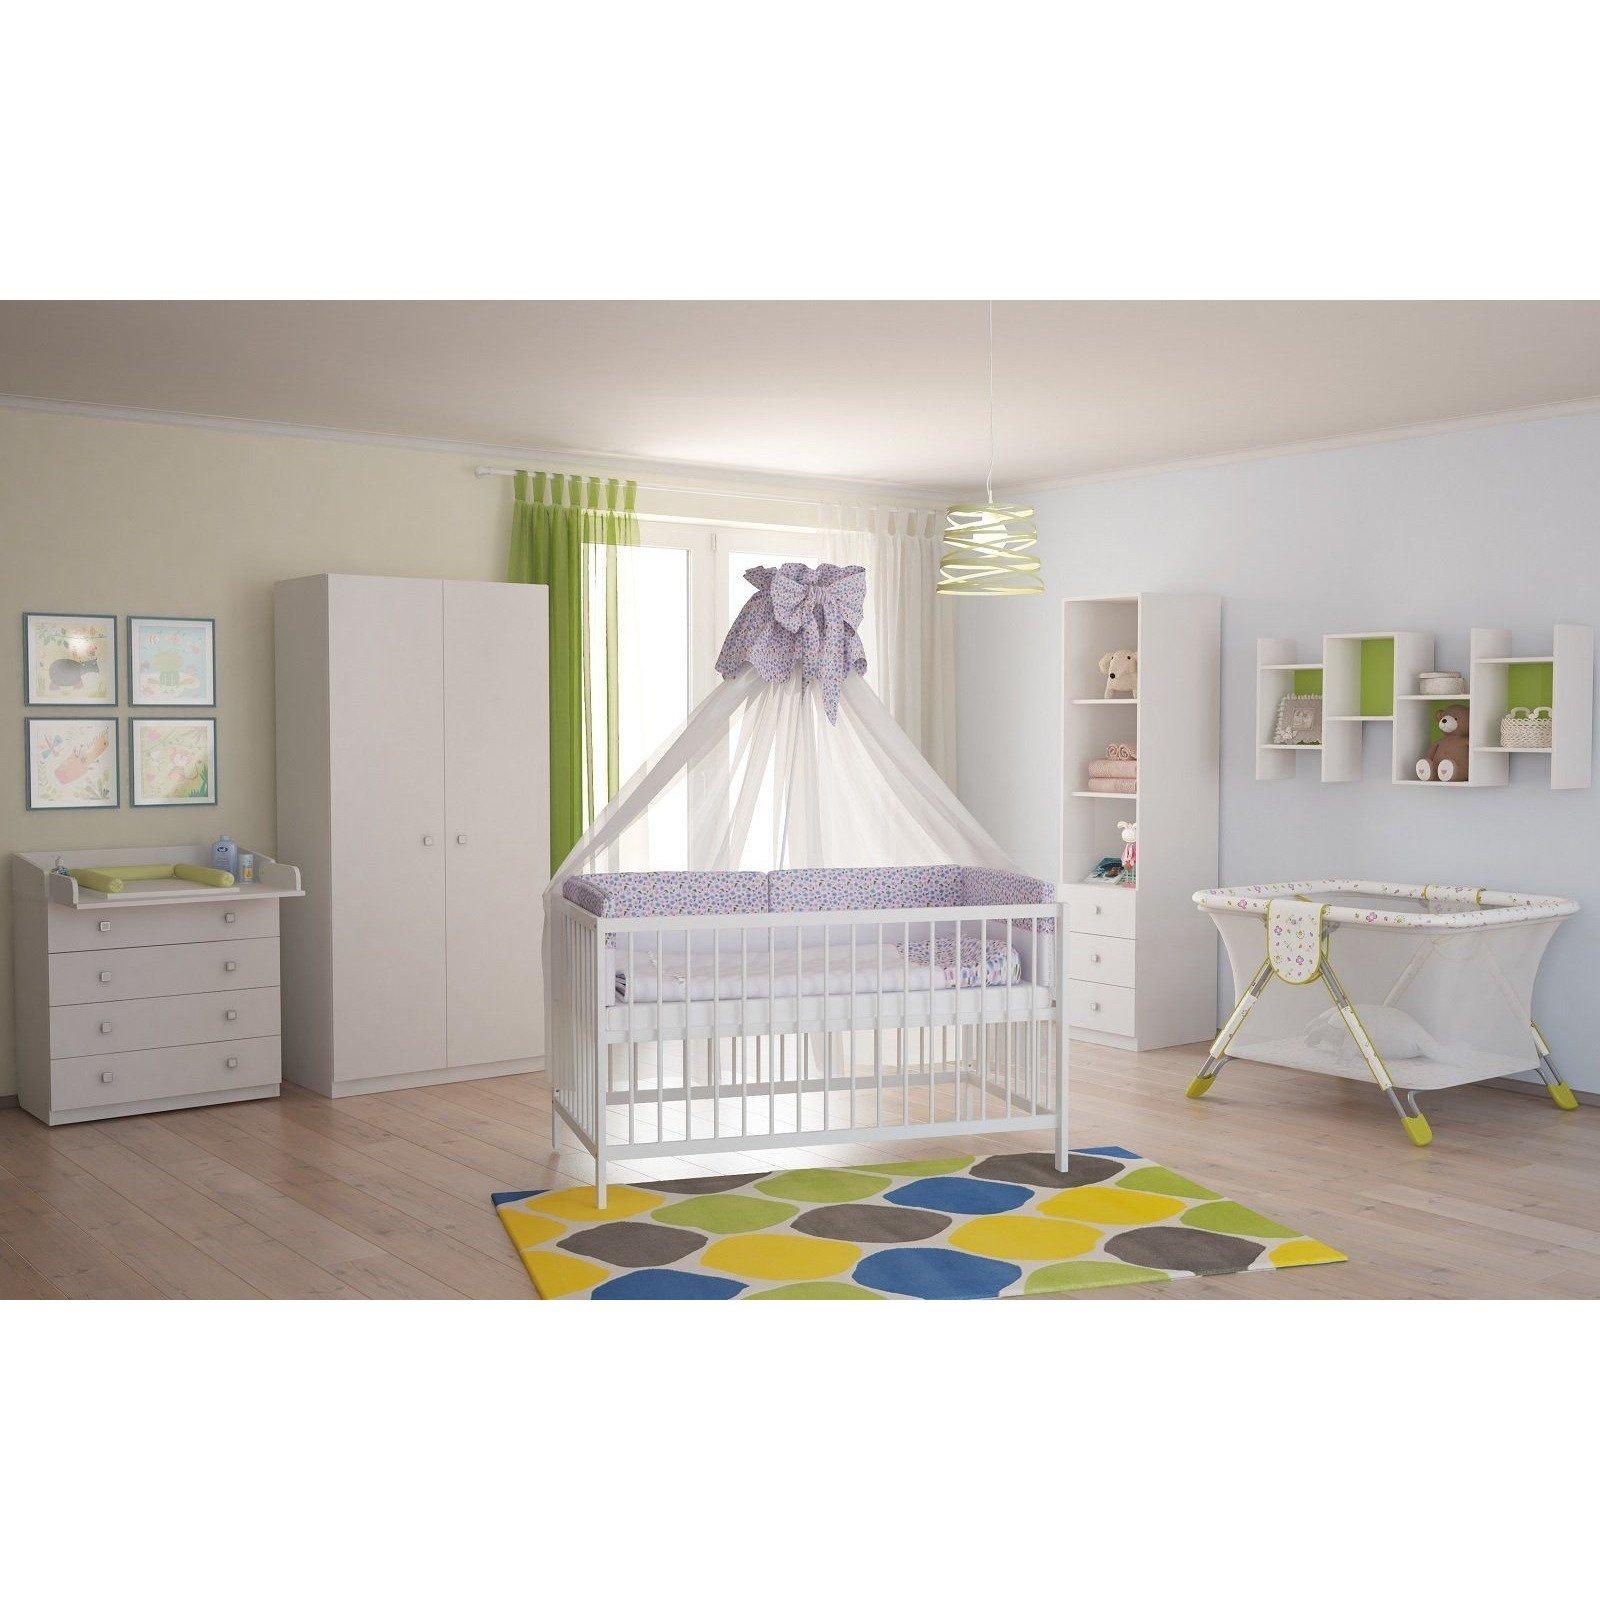 Full Size of Baby Kinderzimmer Komplett 78866720 Bett Komplettes Schlafzimmer Regal Komplettküche Bad Komplettset Komplette 160x200 Günstige Weiß 180x200 Mit Lattenrost Kinderzimmer Baby Kinderzimmer Komplett